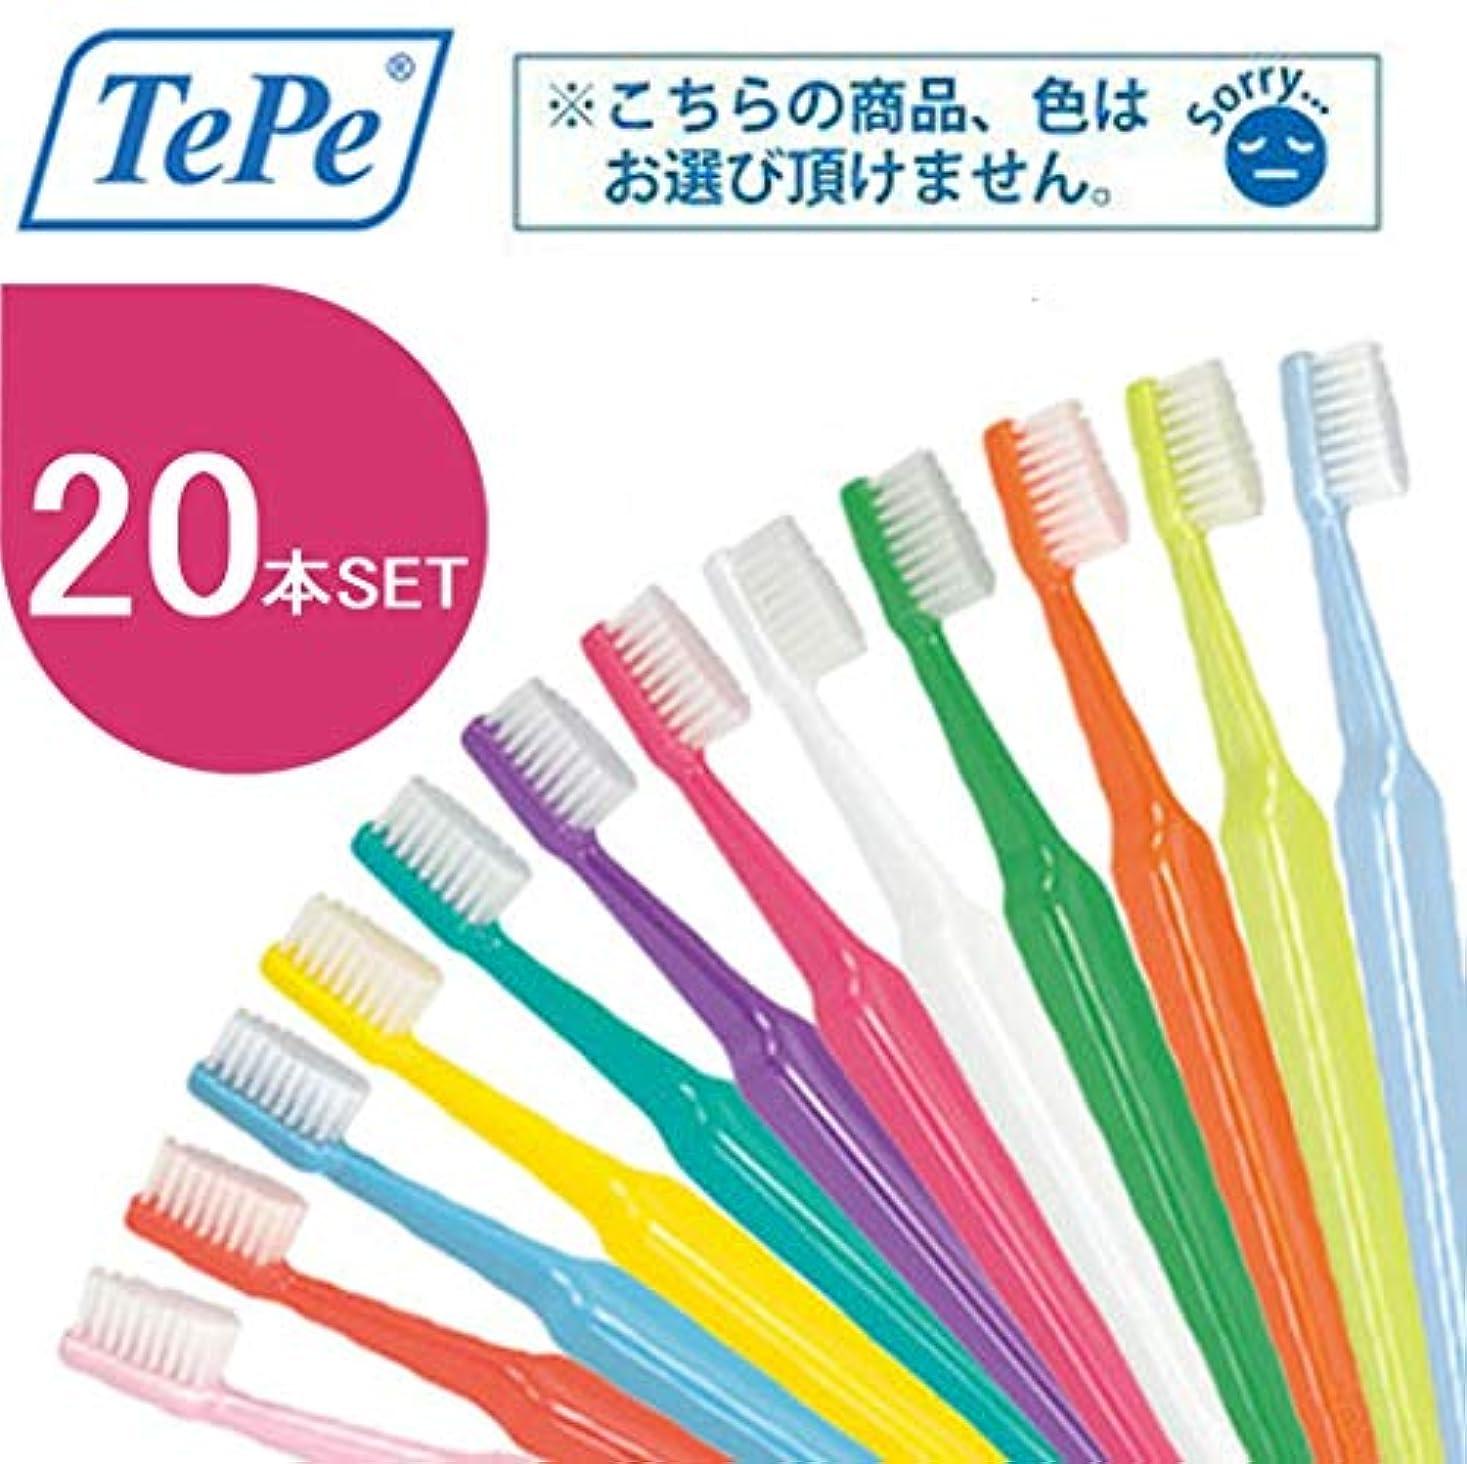 一握り害インテリアクロスフィールド TePe テペ セレクト 歯ブラシ 20本 (ミディアム)